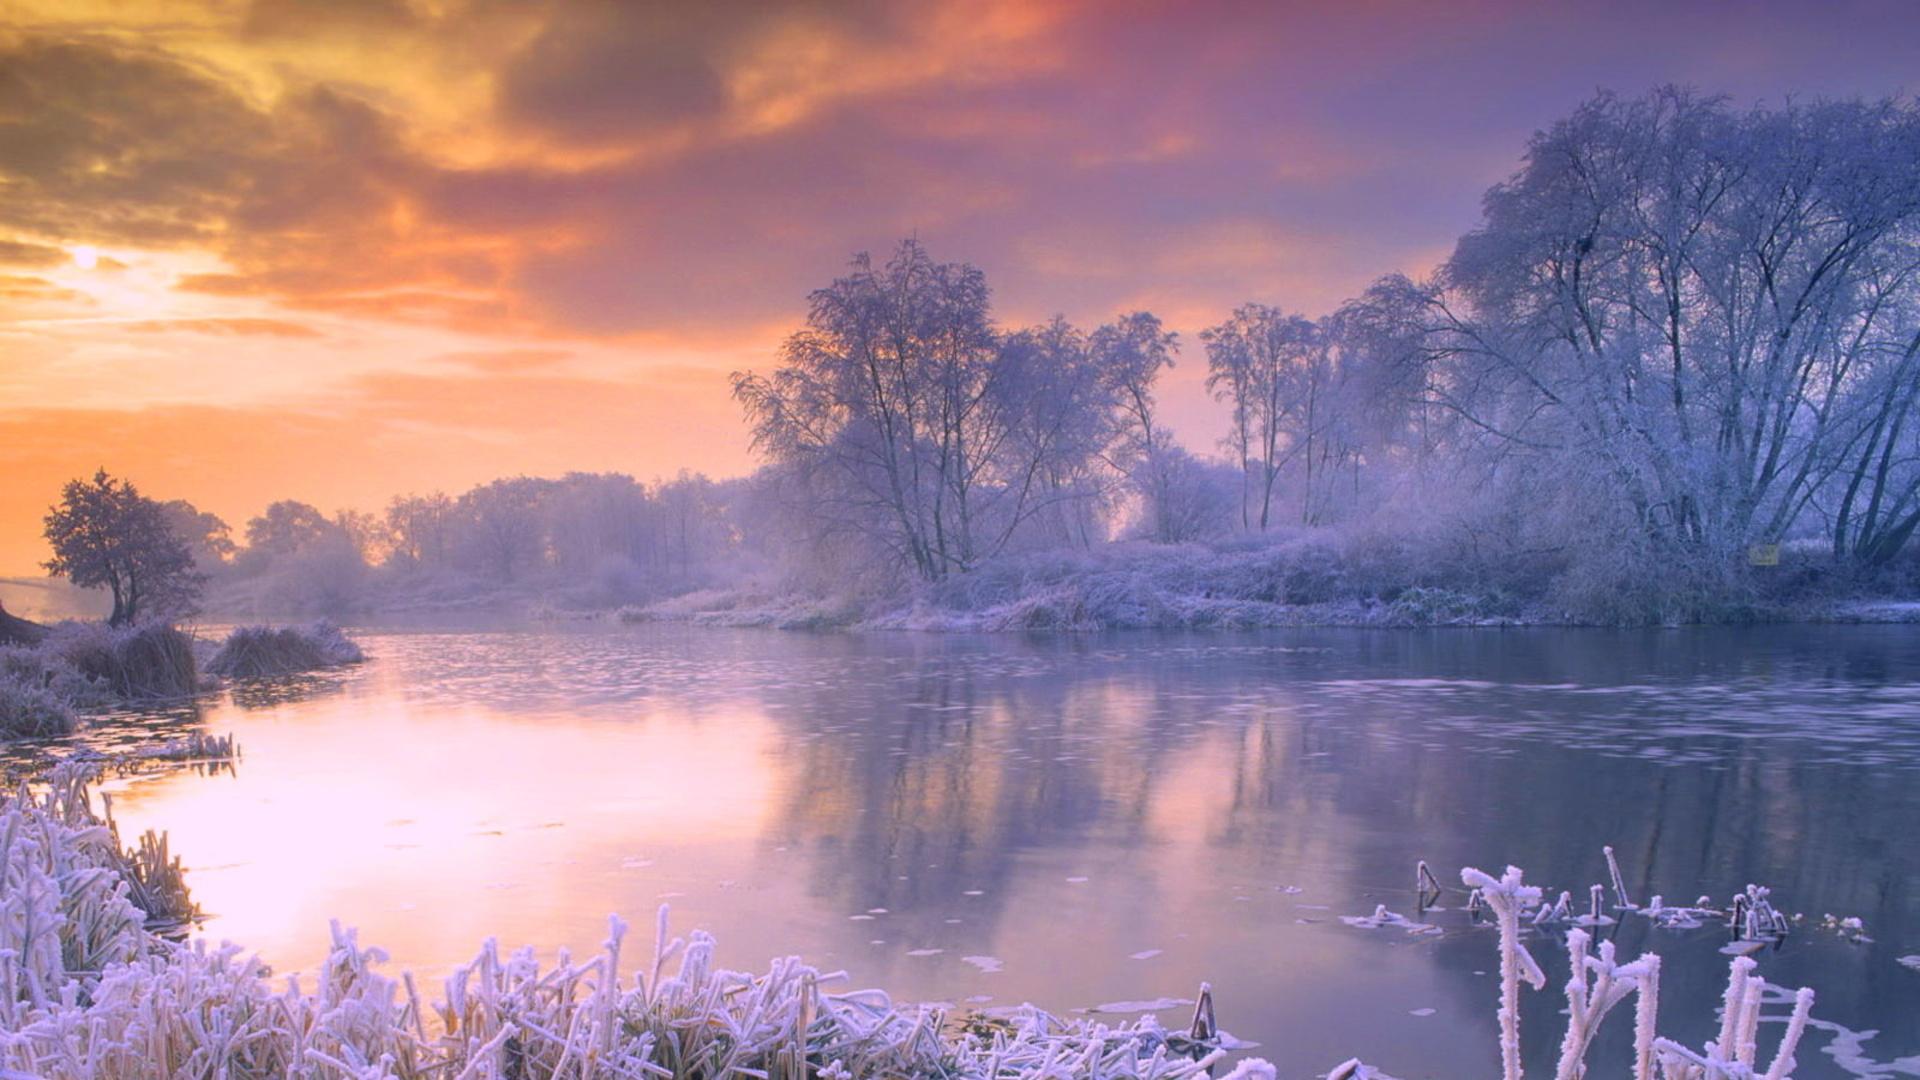 jordennatur winter bakgrund